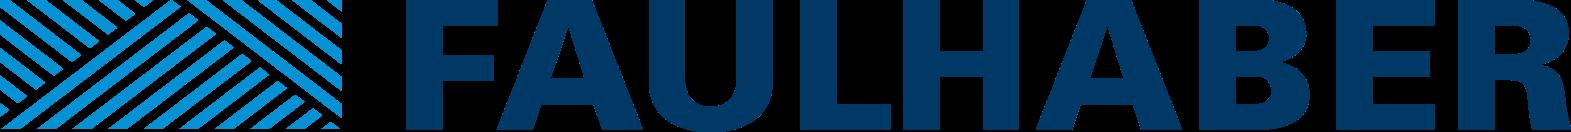 Faulbaber logotype